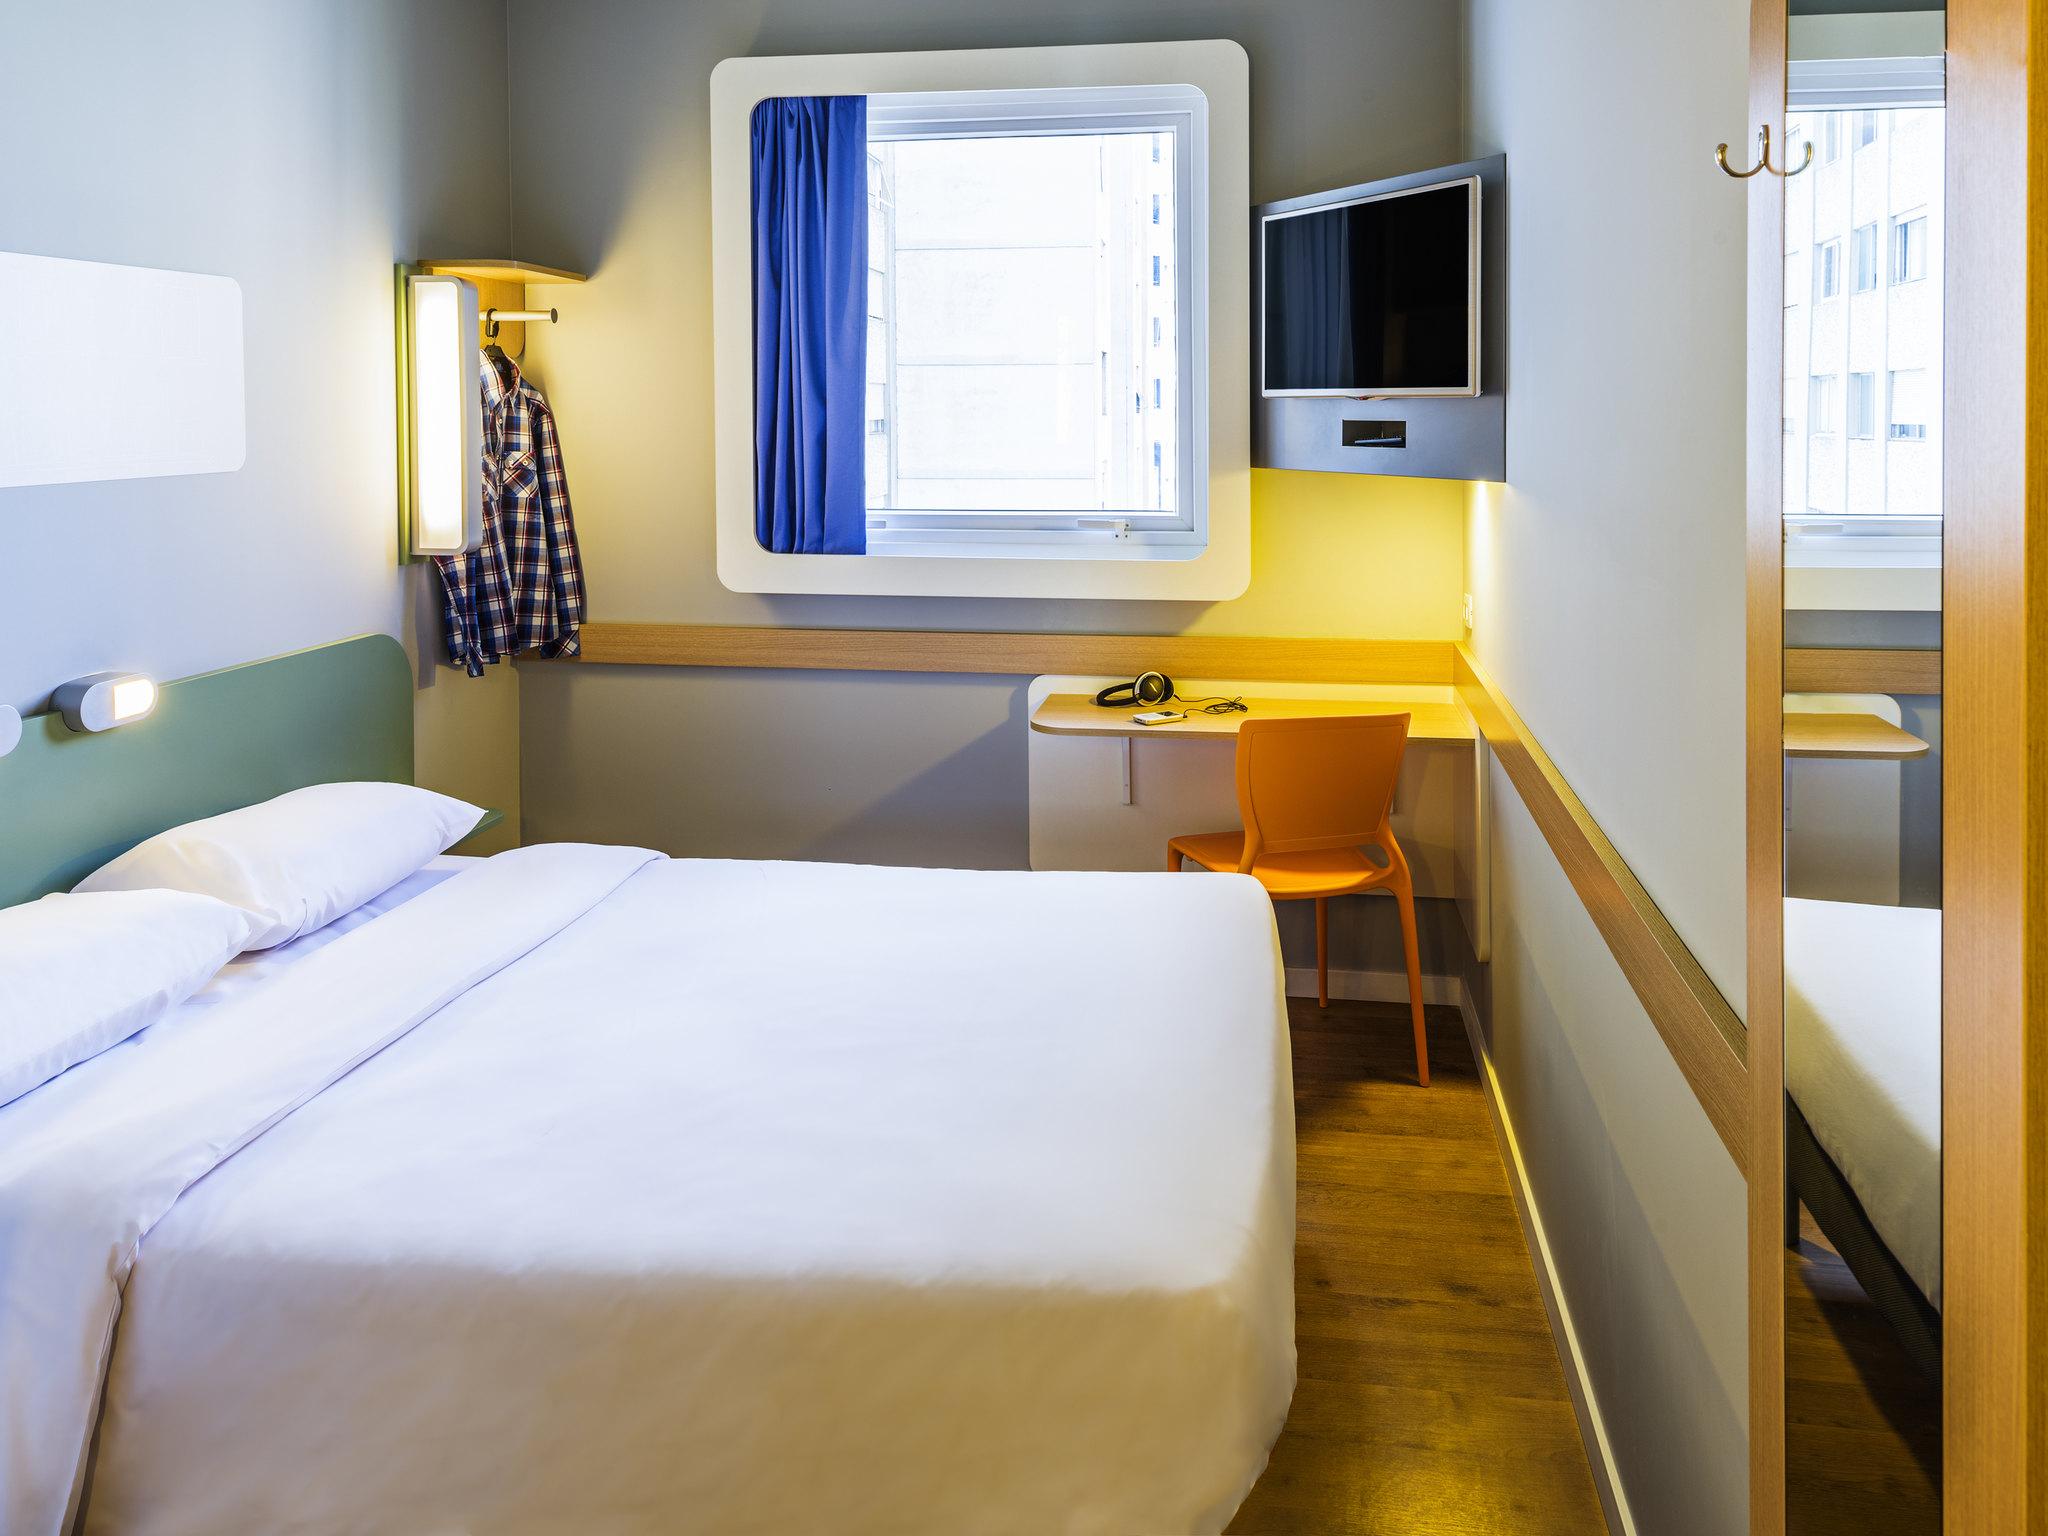 酒店 – 宜必思快捷圣保罗 Frei Caneca 酒店